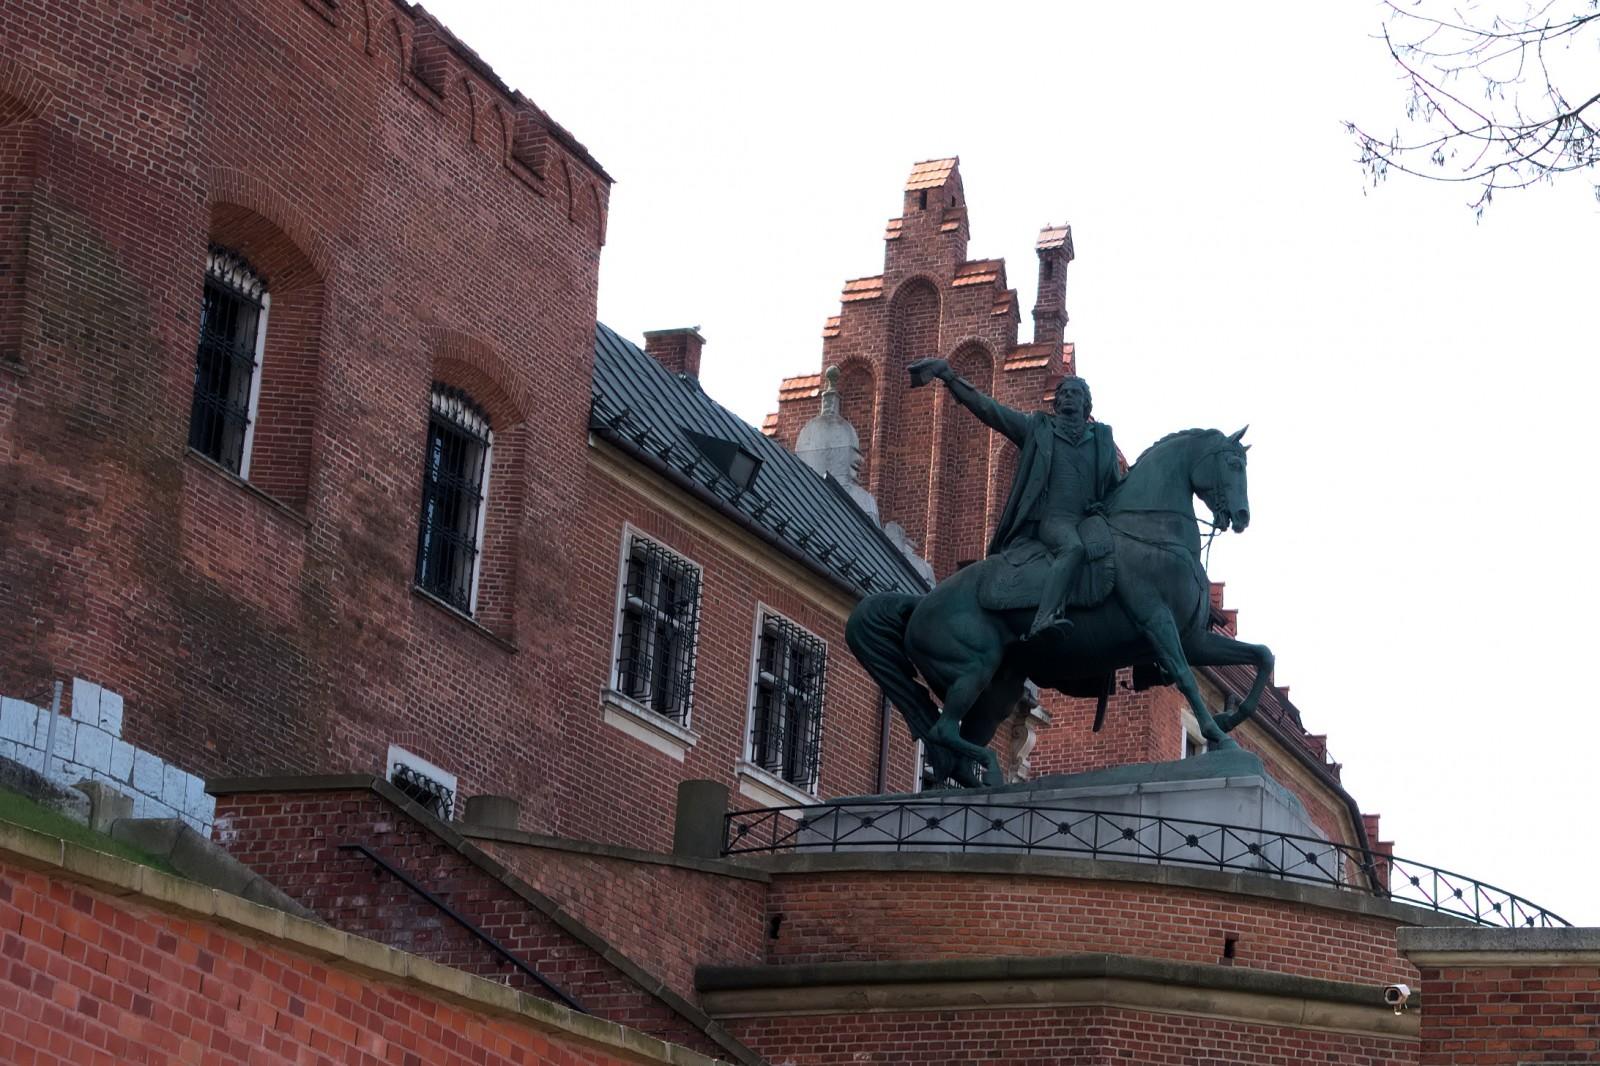 Pomník Tadeusza Kościuszki na Wawelu